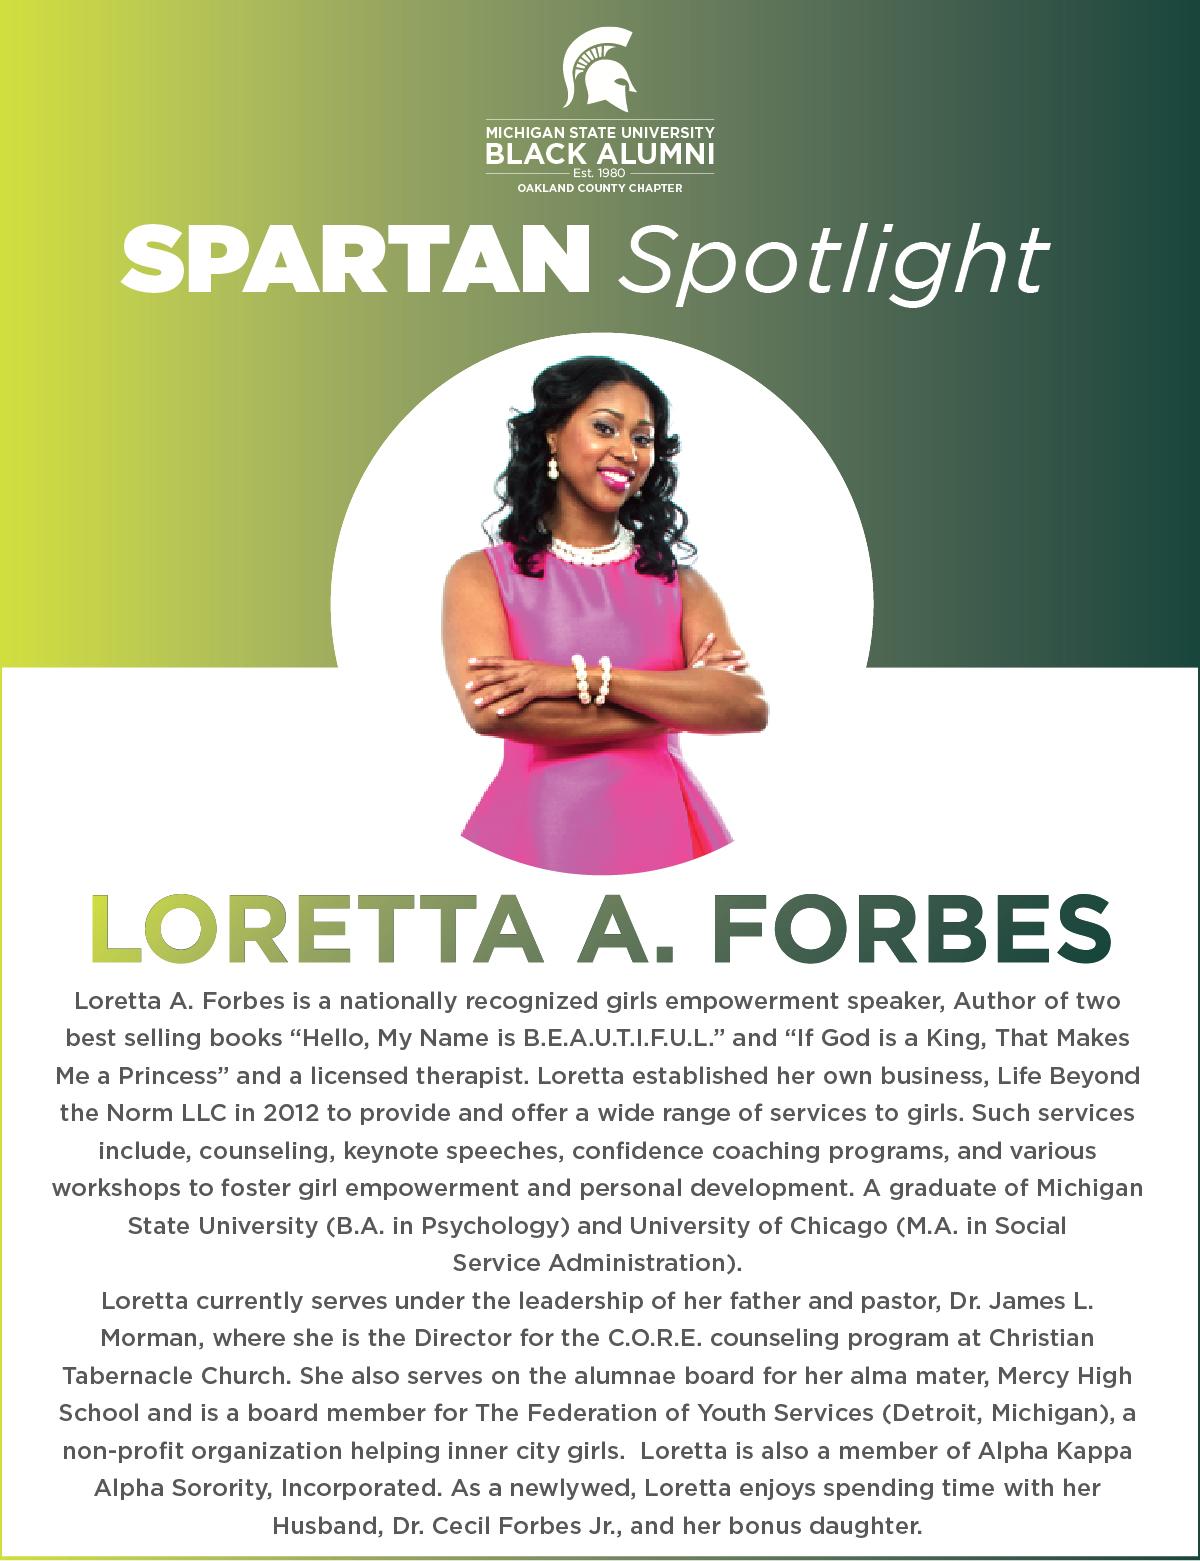 MSUBAOC Spartan Spotlight Loretta Forbes